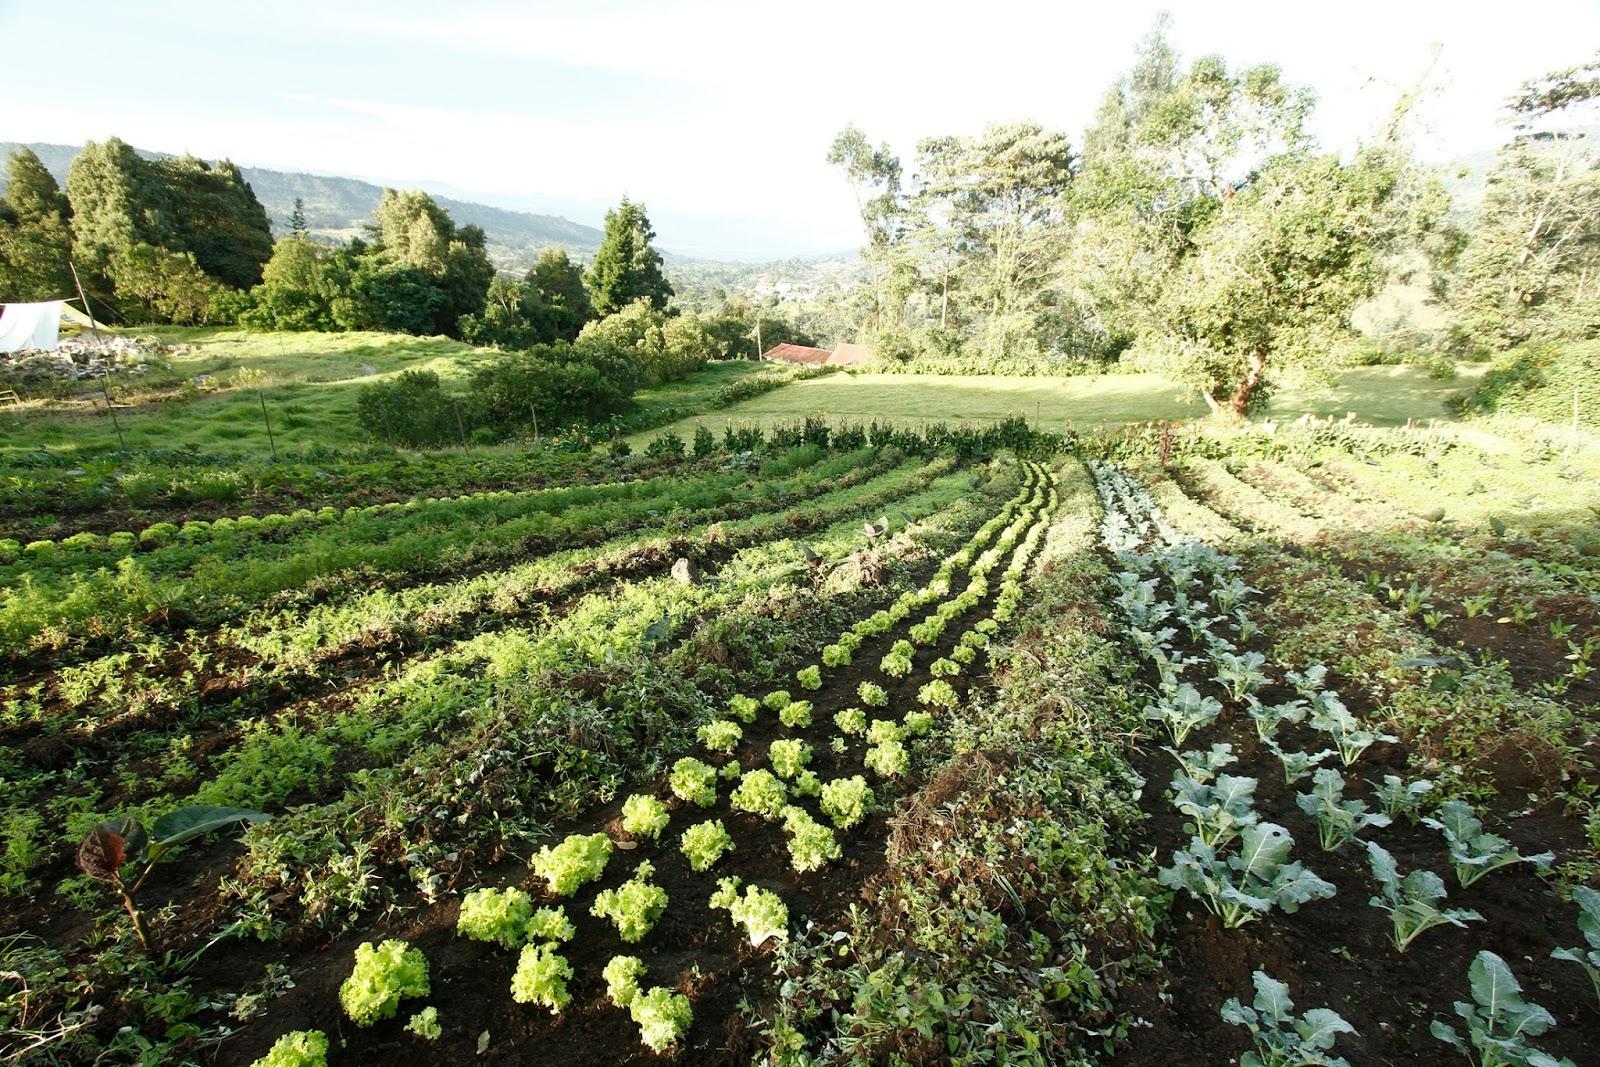 Maestra de primaria huertos y huertas for Plantas beneficiosas para el huerto